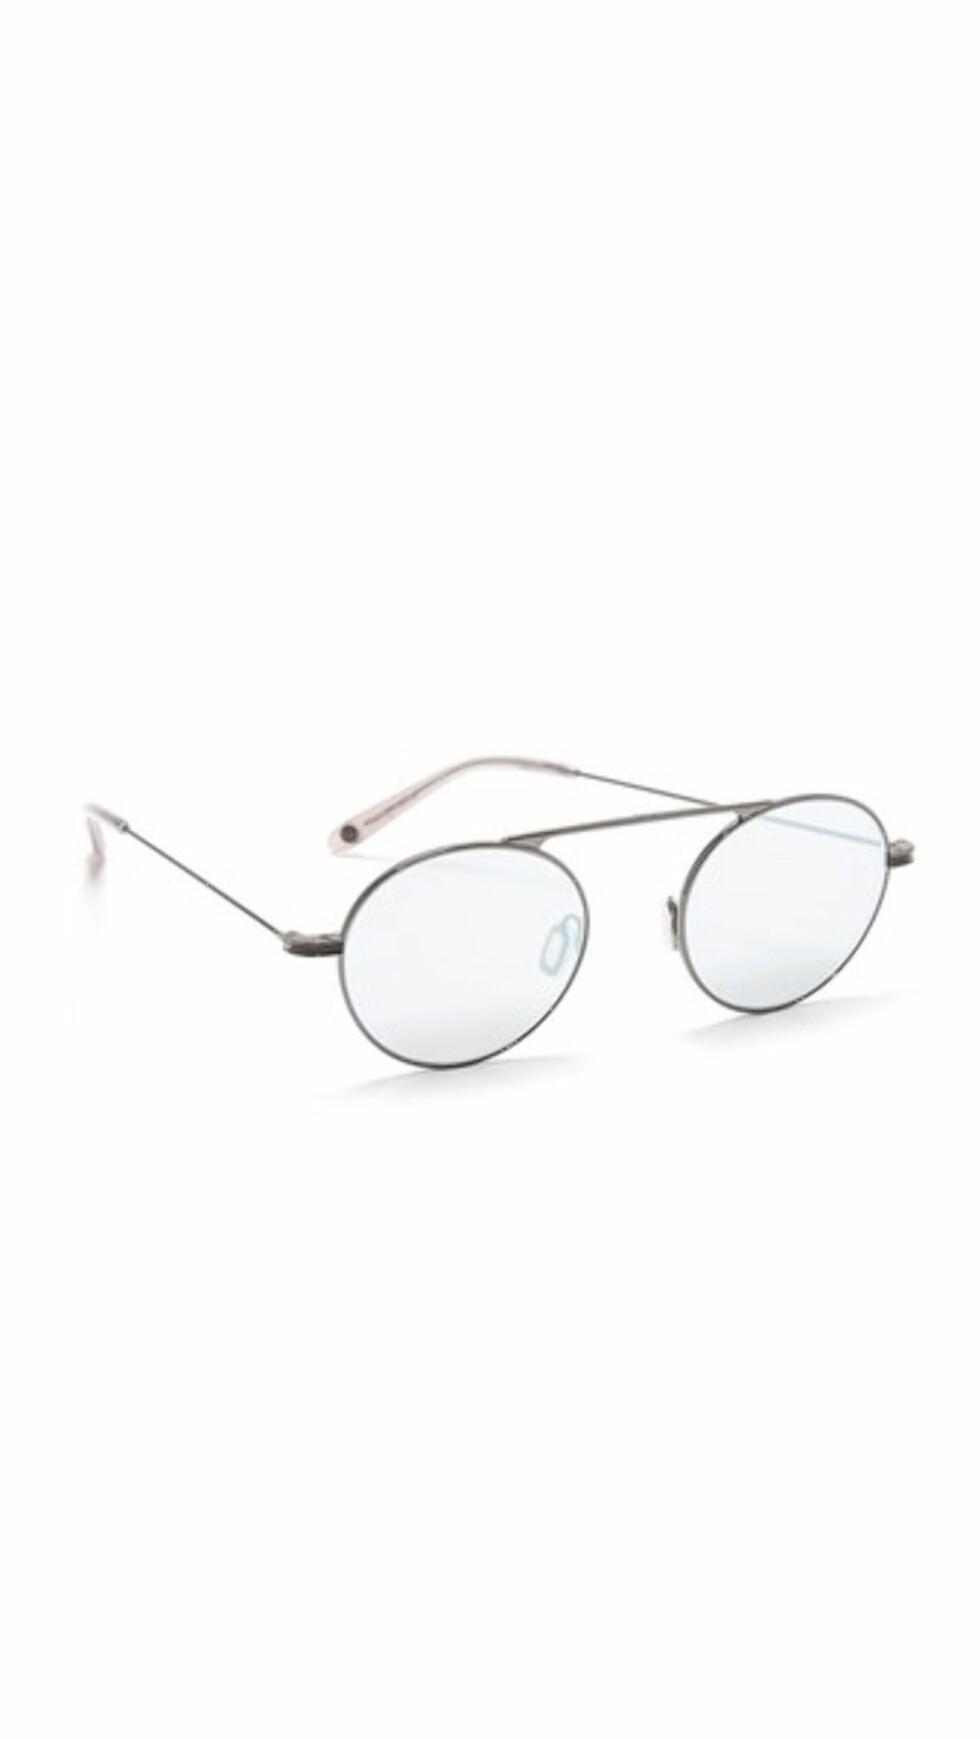 Solbriller fra Garrett Leight via Shopbop.com   kr 3513   https://www.shopbop.com/zeno-sunglasses-garrett-leight/vp/v=1/1500939086.htm?folderID=13558&fm=other-viewall&os=false&colorId=59486